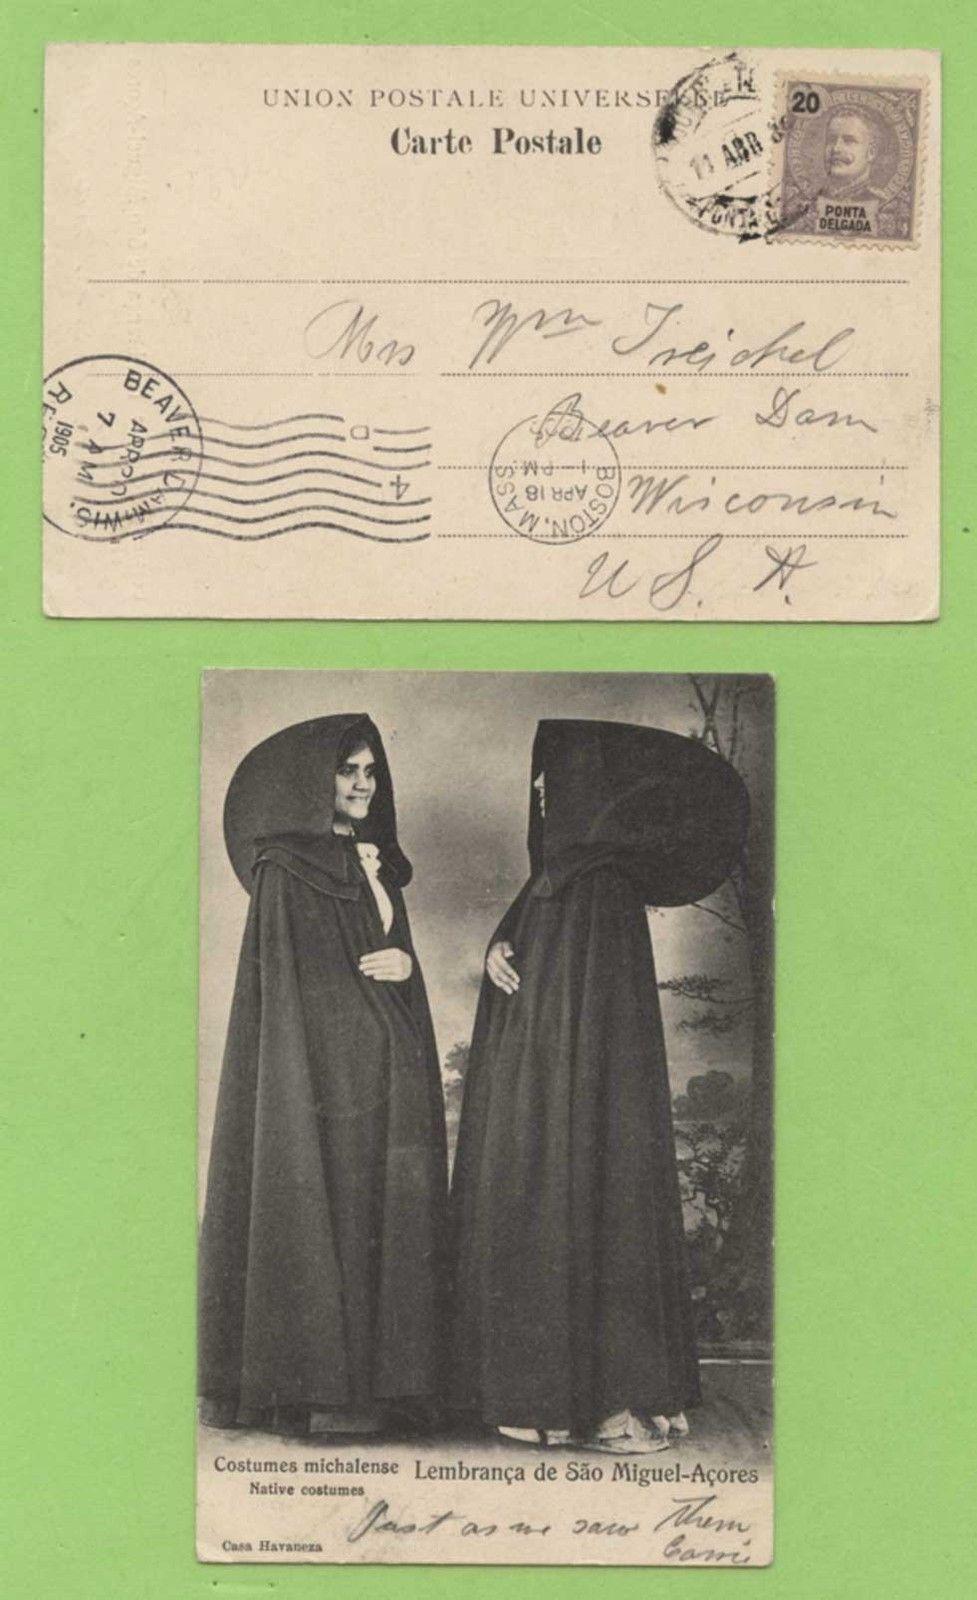 Portugal - Azores 1905 Costumes, Lembranca de Sao Miguel